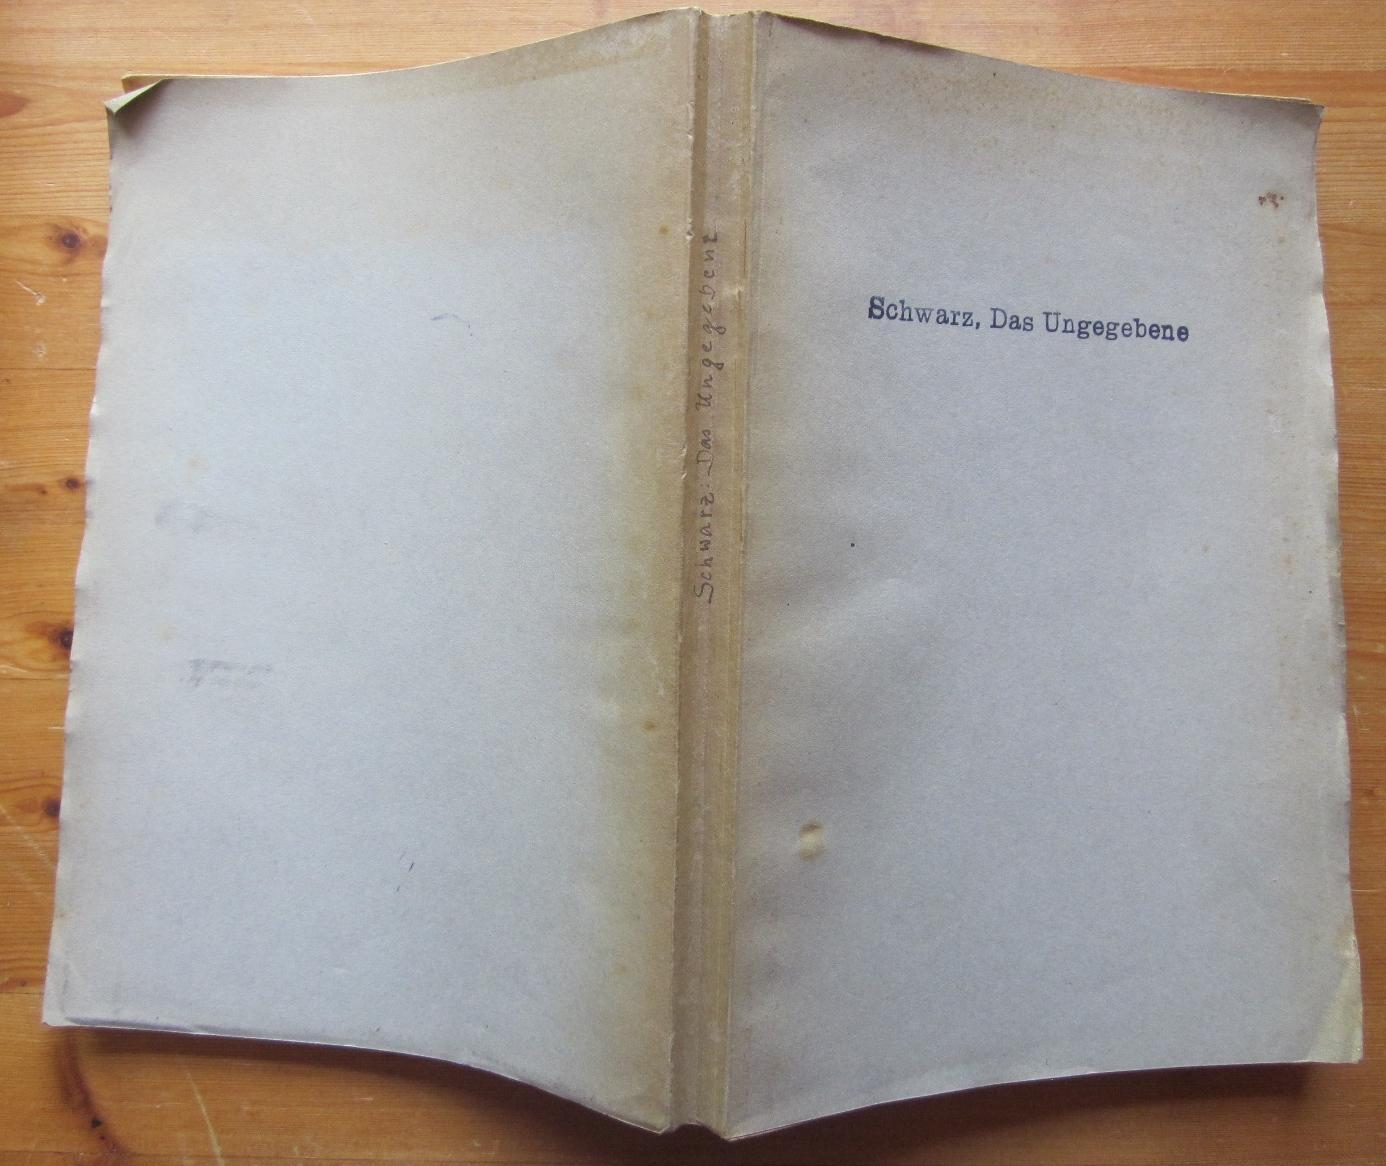 Das Ungegebene. Eine Religions- und Wertphilosophie.: Schwarz, Hermann: